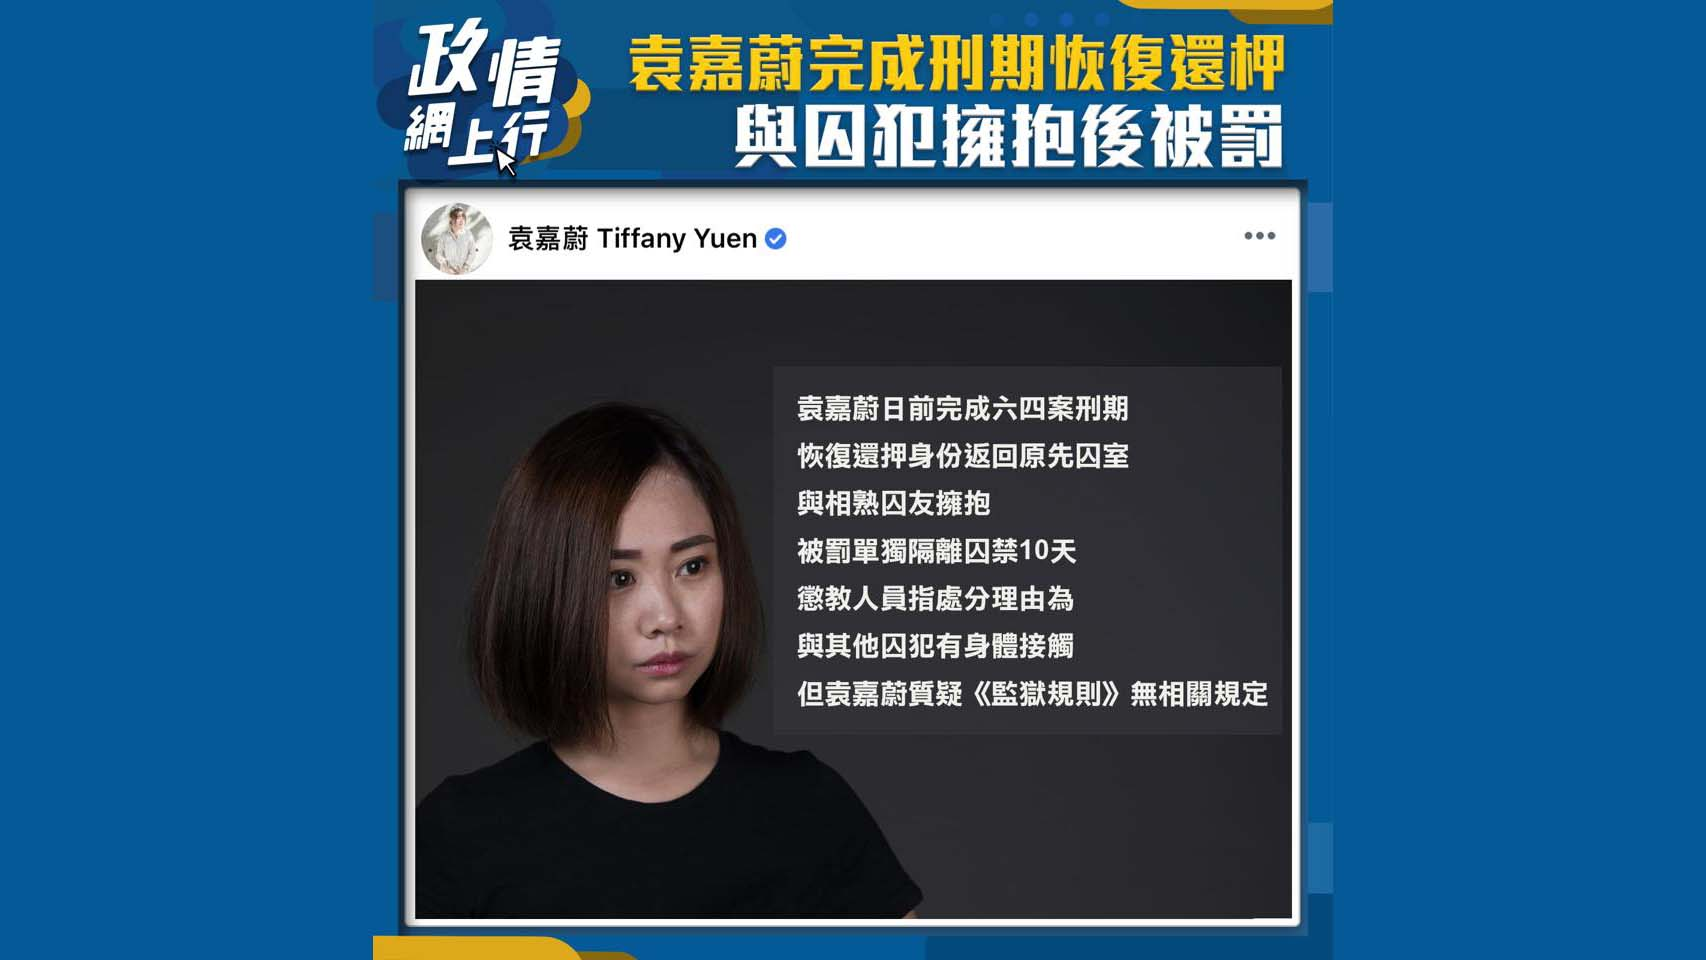 【政情網上行】袁嘉蔚完成刑期恢復還柙 與囚犯擁抱後被罰